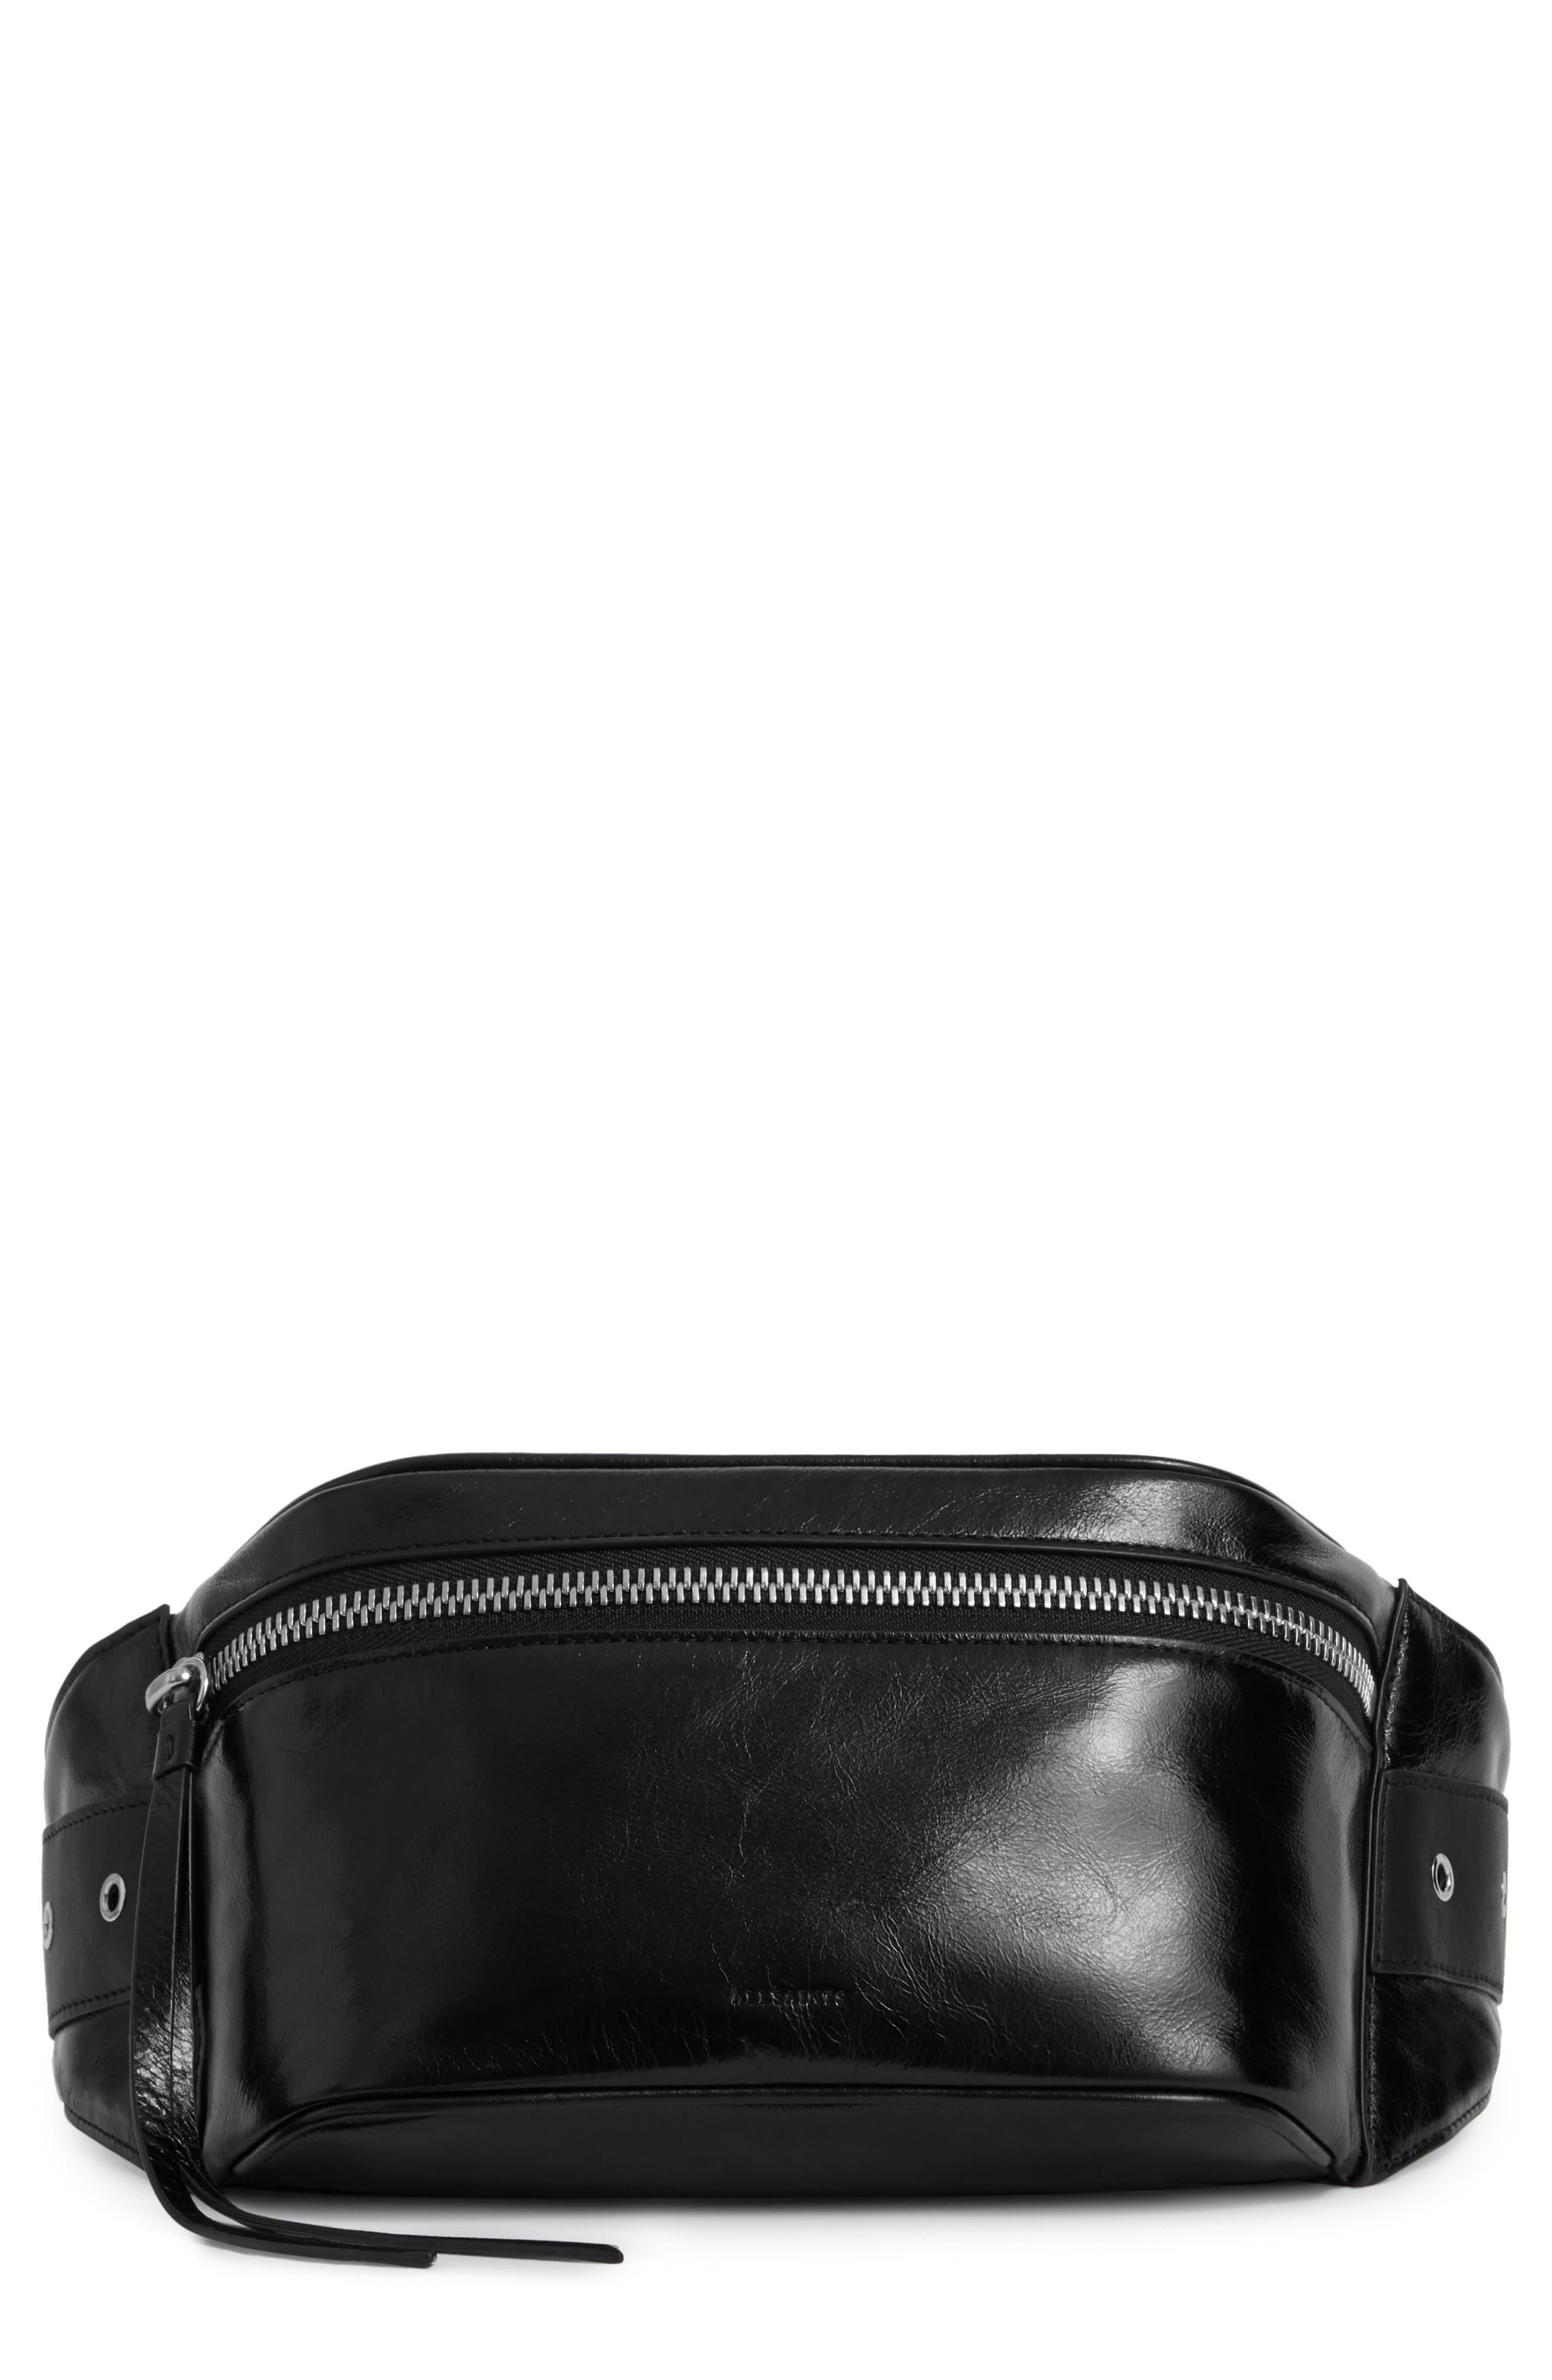 ALLSAINTS, Clip Leather Belt Bag, Main thumbnail 1, color, BLACK